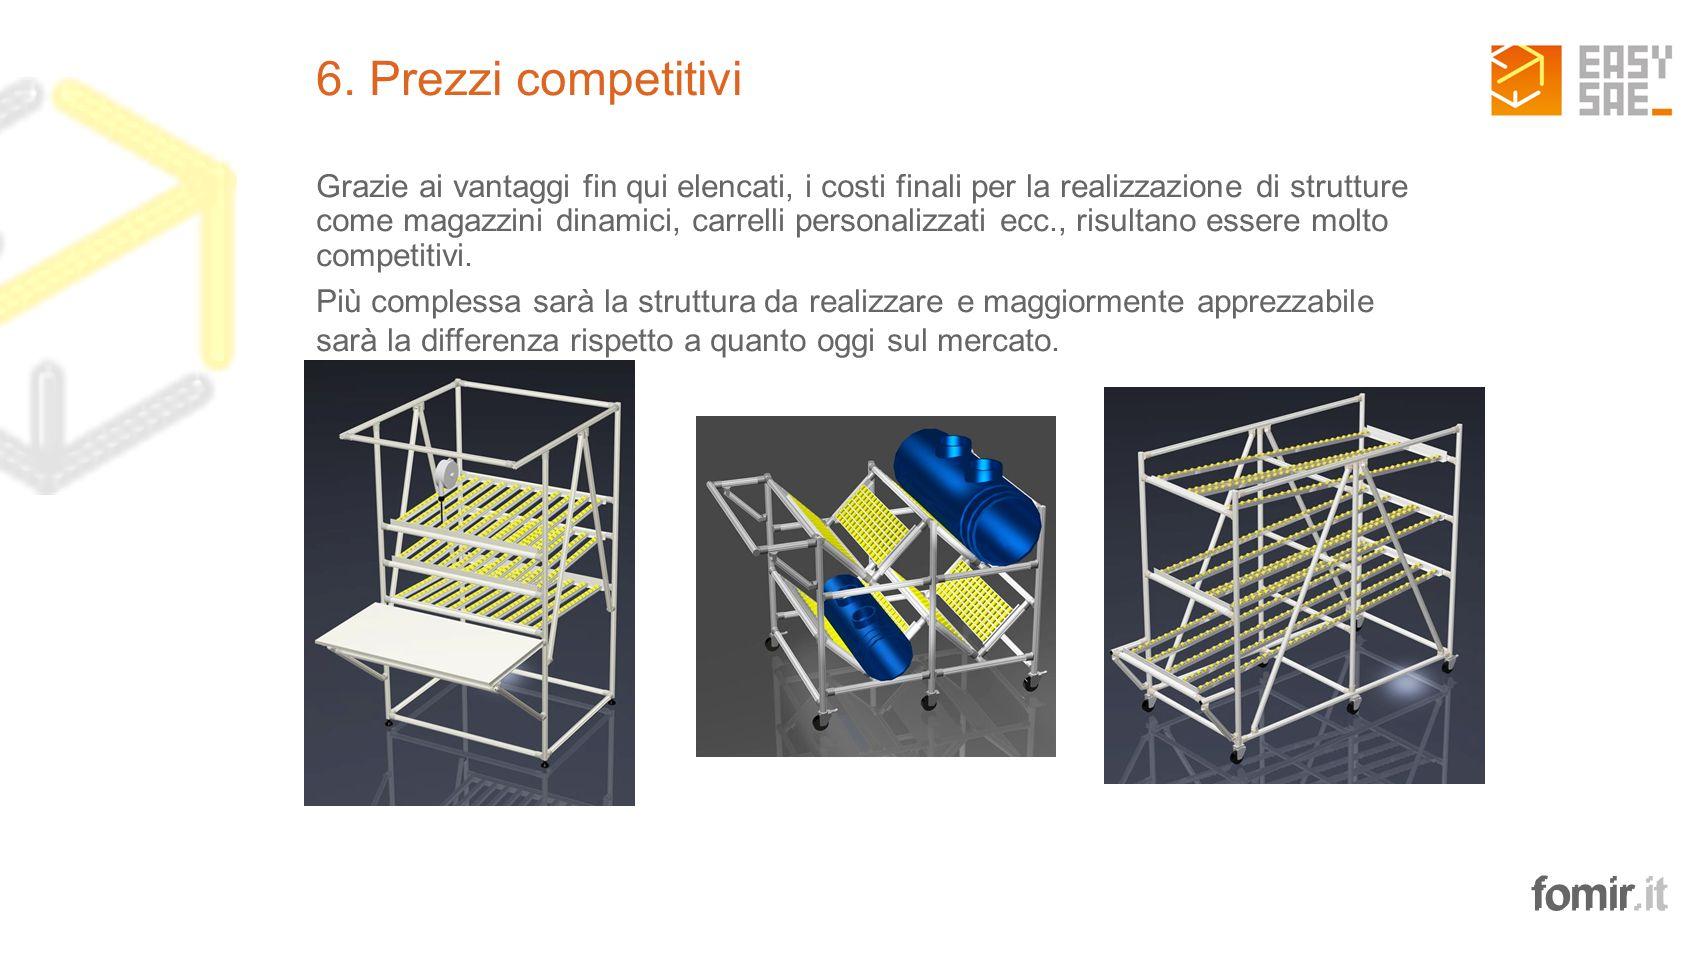 6. Prezzi competitivi